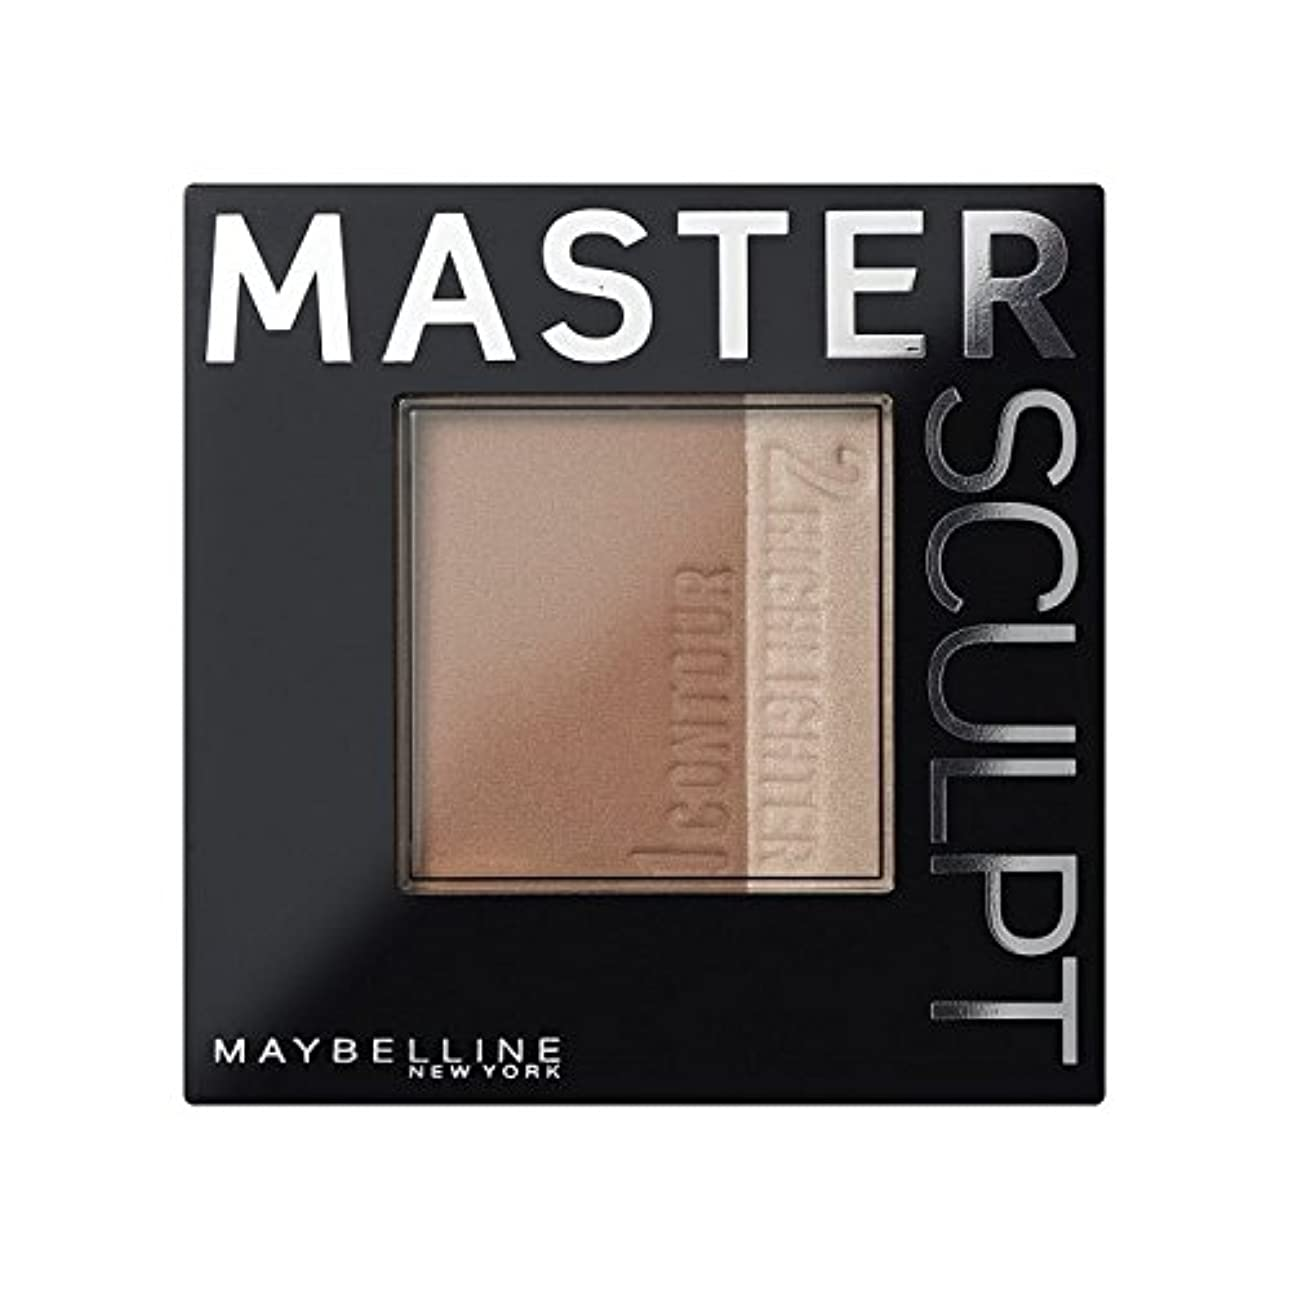 被害者使役私達メイベリンマスタースカルプト基盤02の /暗い輪郭 x2 - Maybelline Master Sculpt Contouring Foundation 02 Med/Dark (Pack of 2) [並行輸入品]